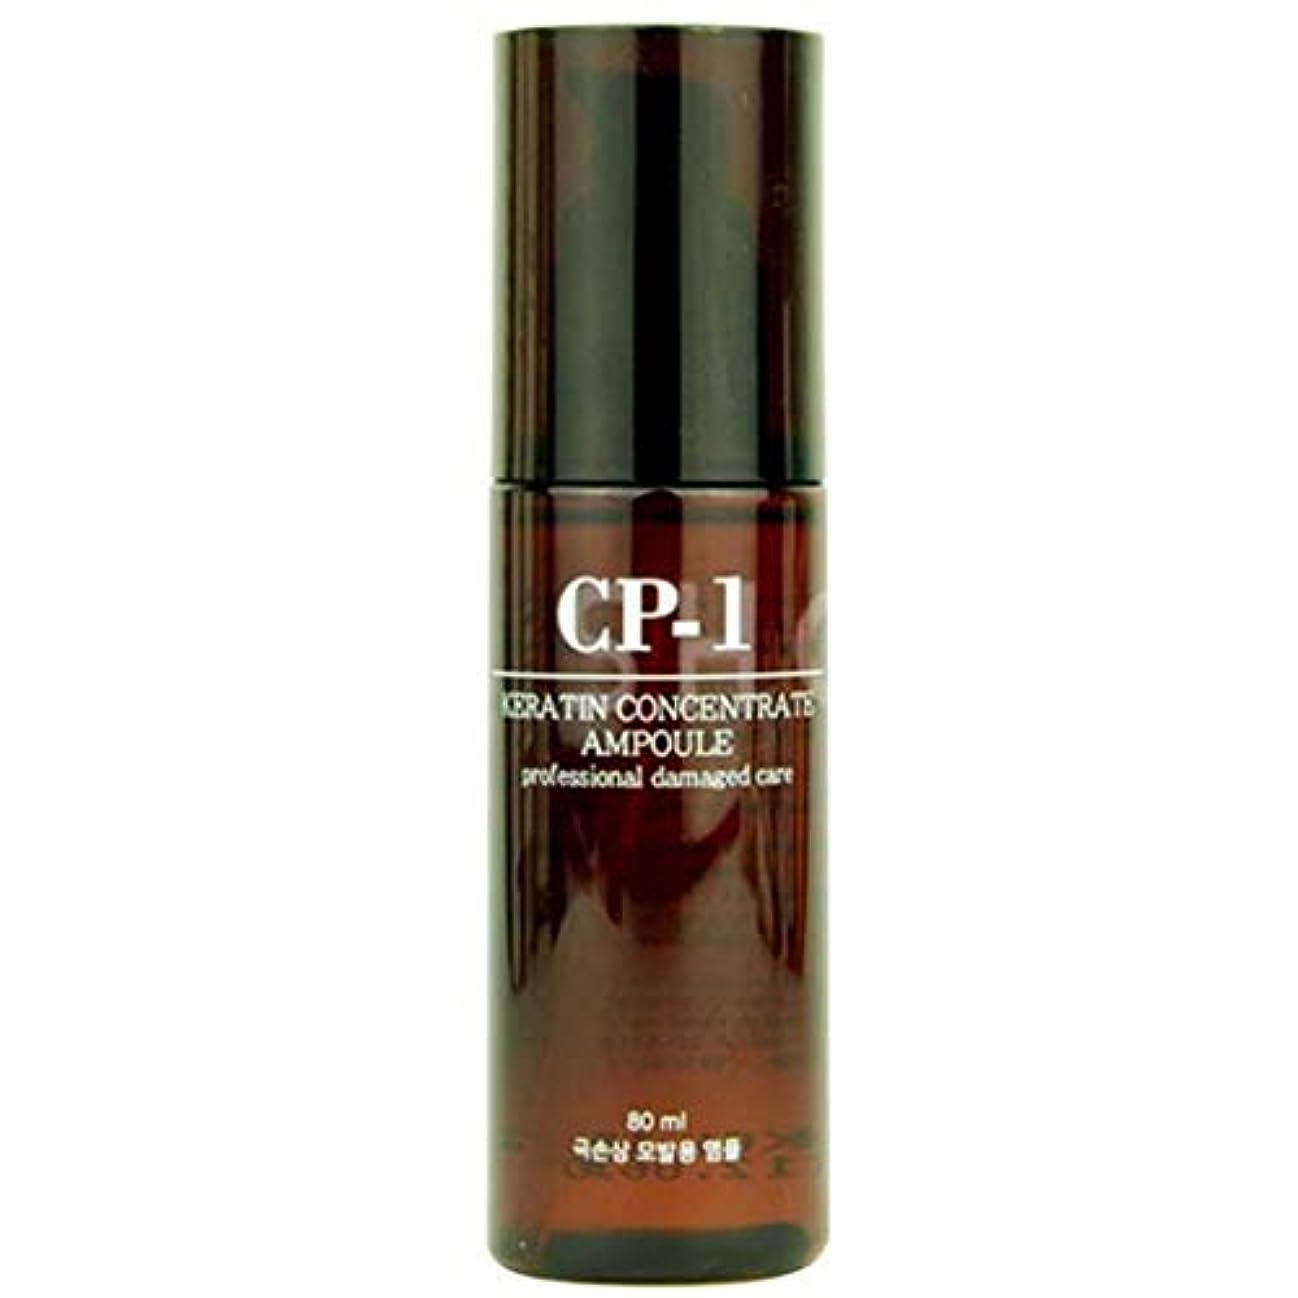 サンドイッチ臭い男らしいEsthetic House CP-1 ヘアアンプル Keratin Concentrate Ampoule 80ml プロ傷んだヘアケア Professional Damaged Hair Care, 韩国正品